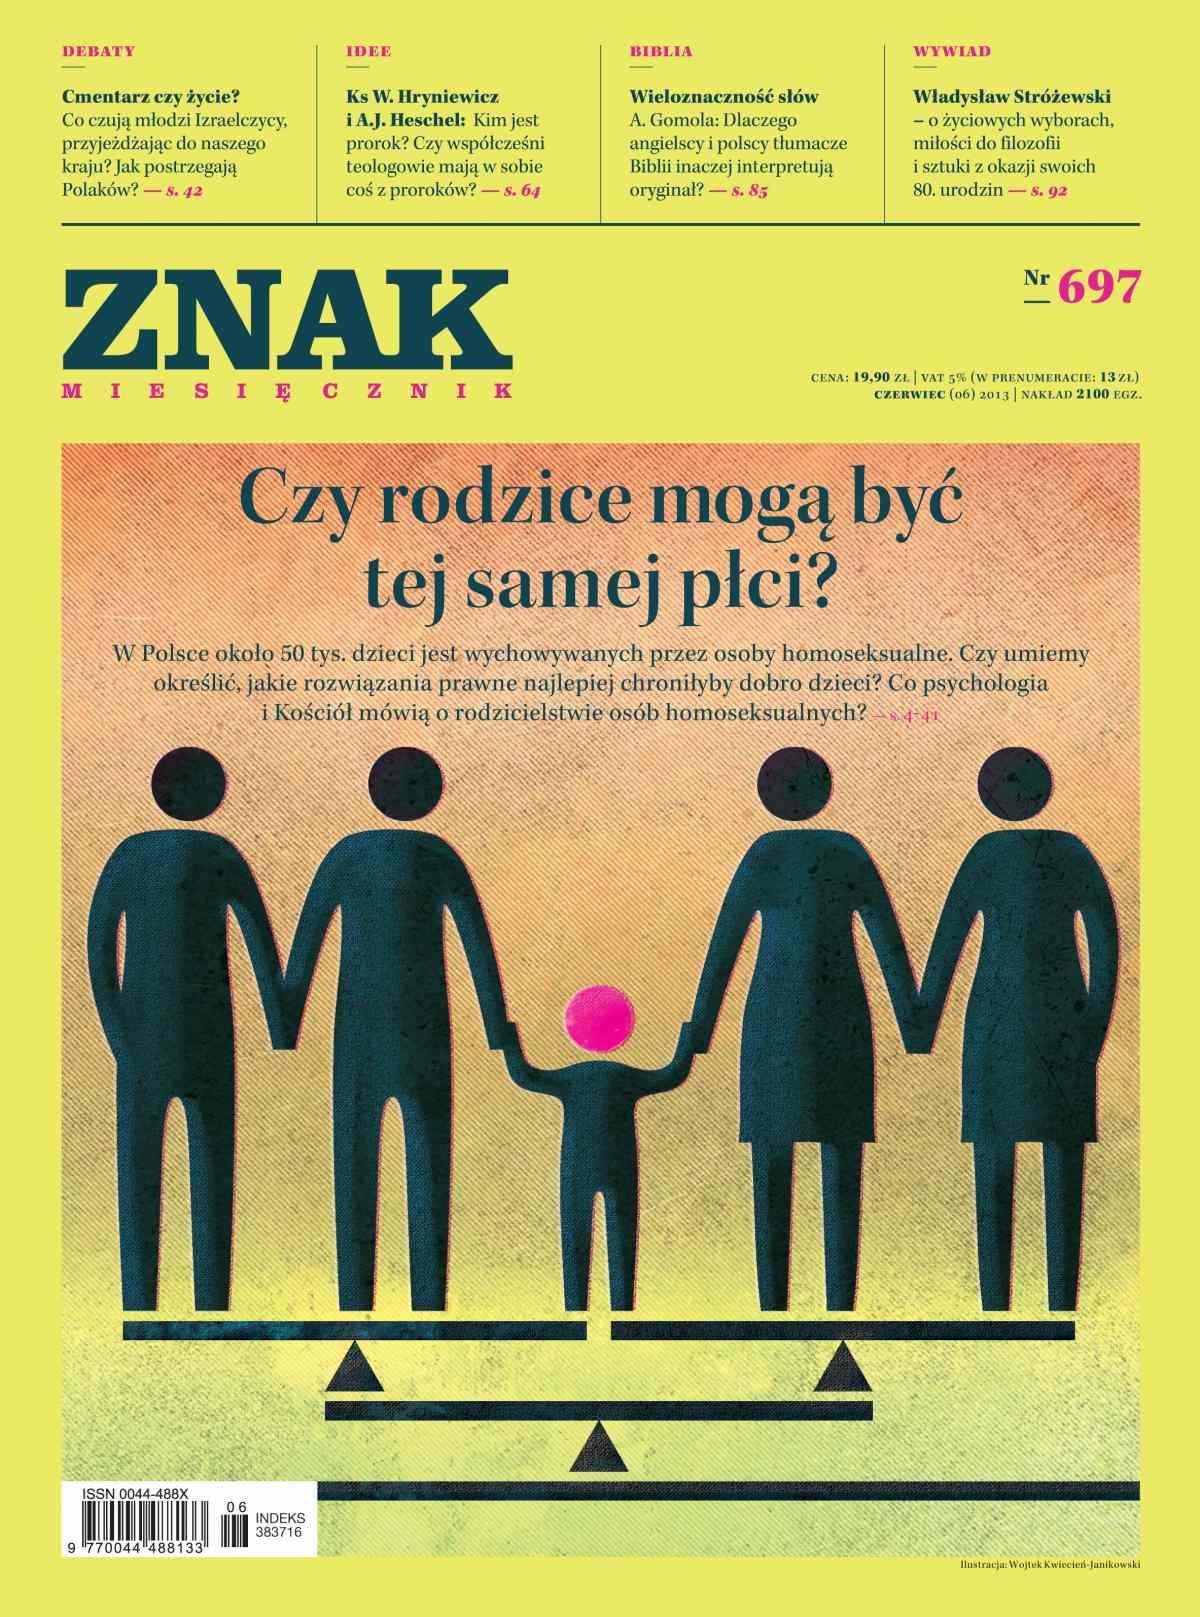 Miesięcznik Znak. Czerwiec 2013 - Ebook (Książka PDF) do pobrania w formacie PDF